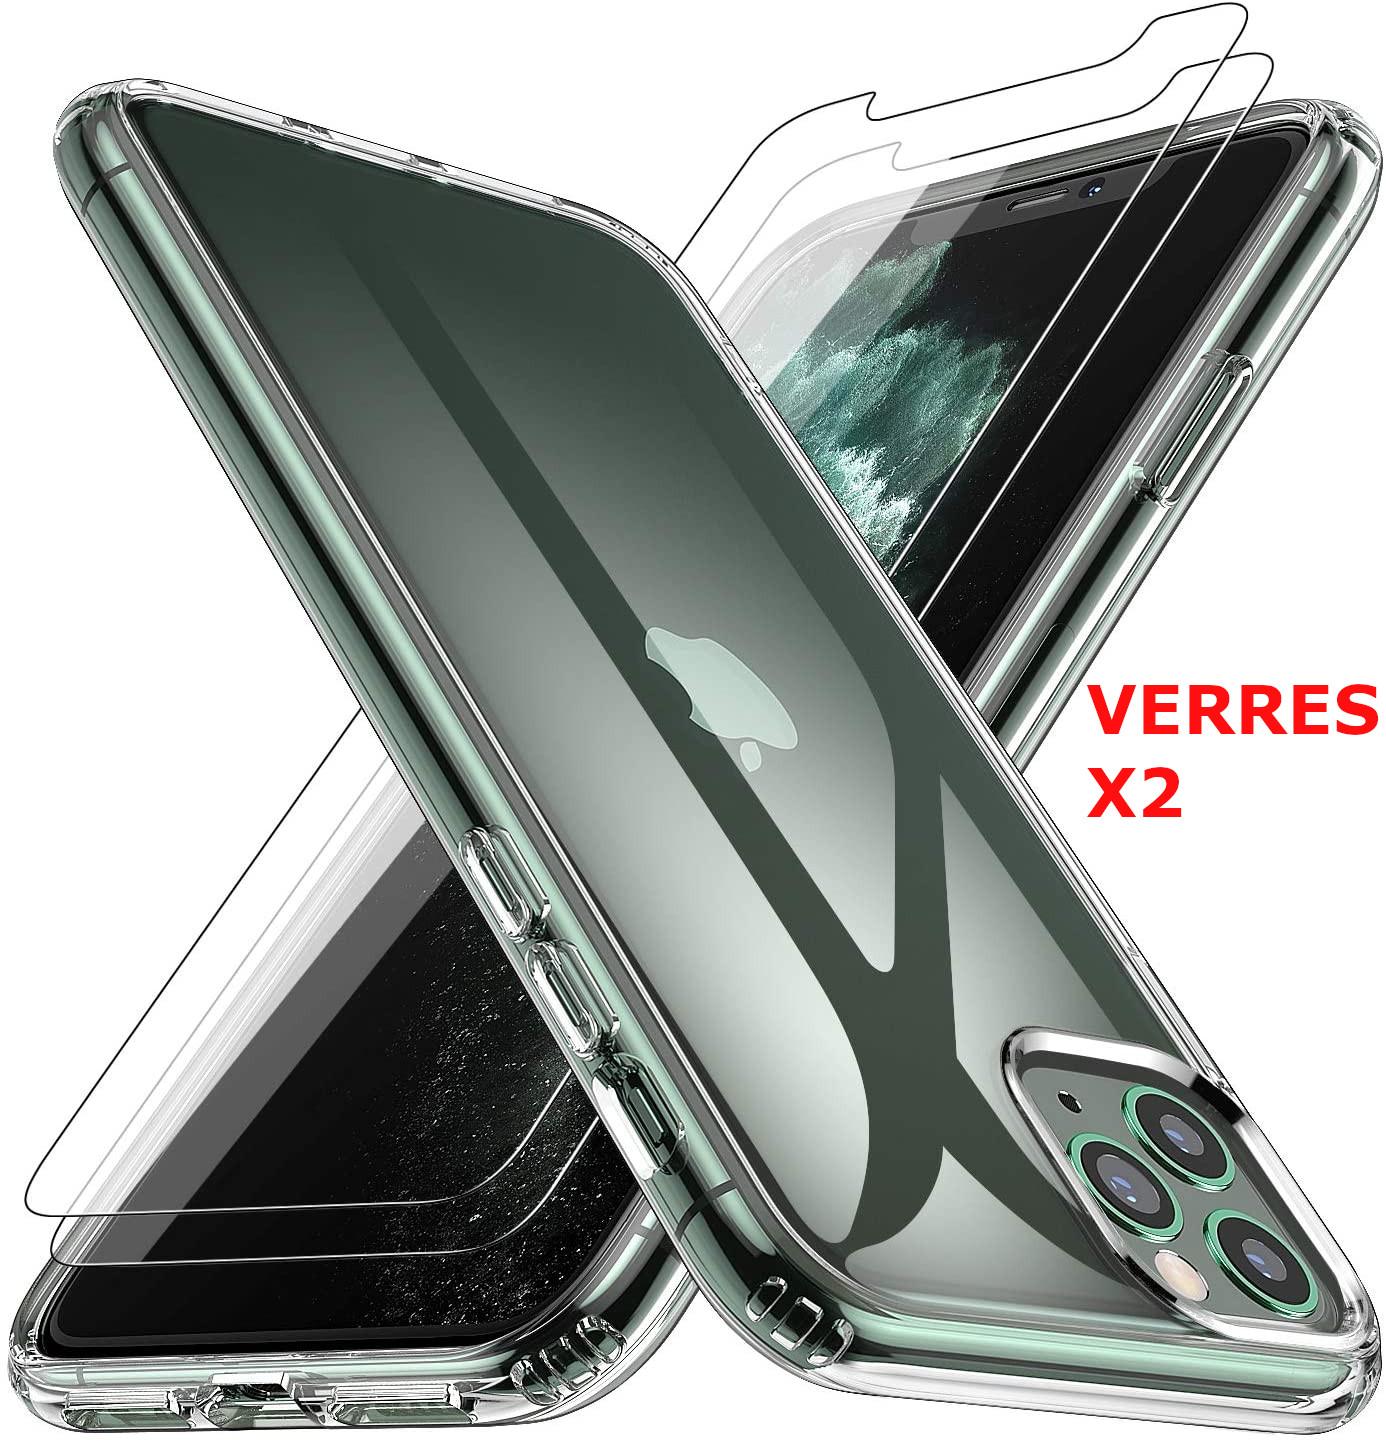 Coque Silicone Transparente Pour iPhone 11 + 2 Verres Trempe - Little Boutik®